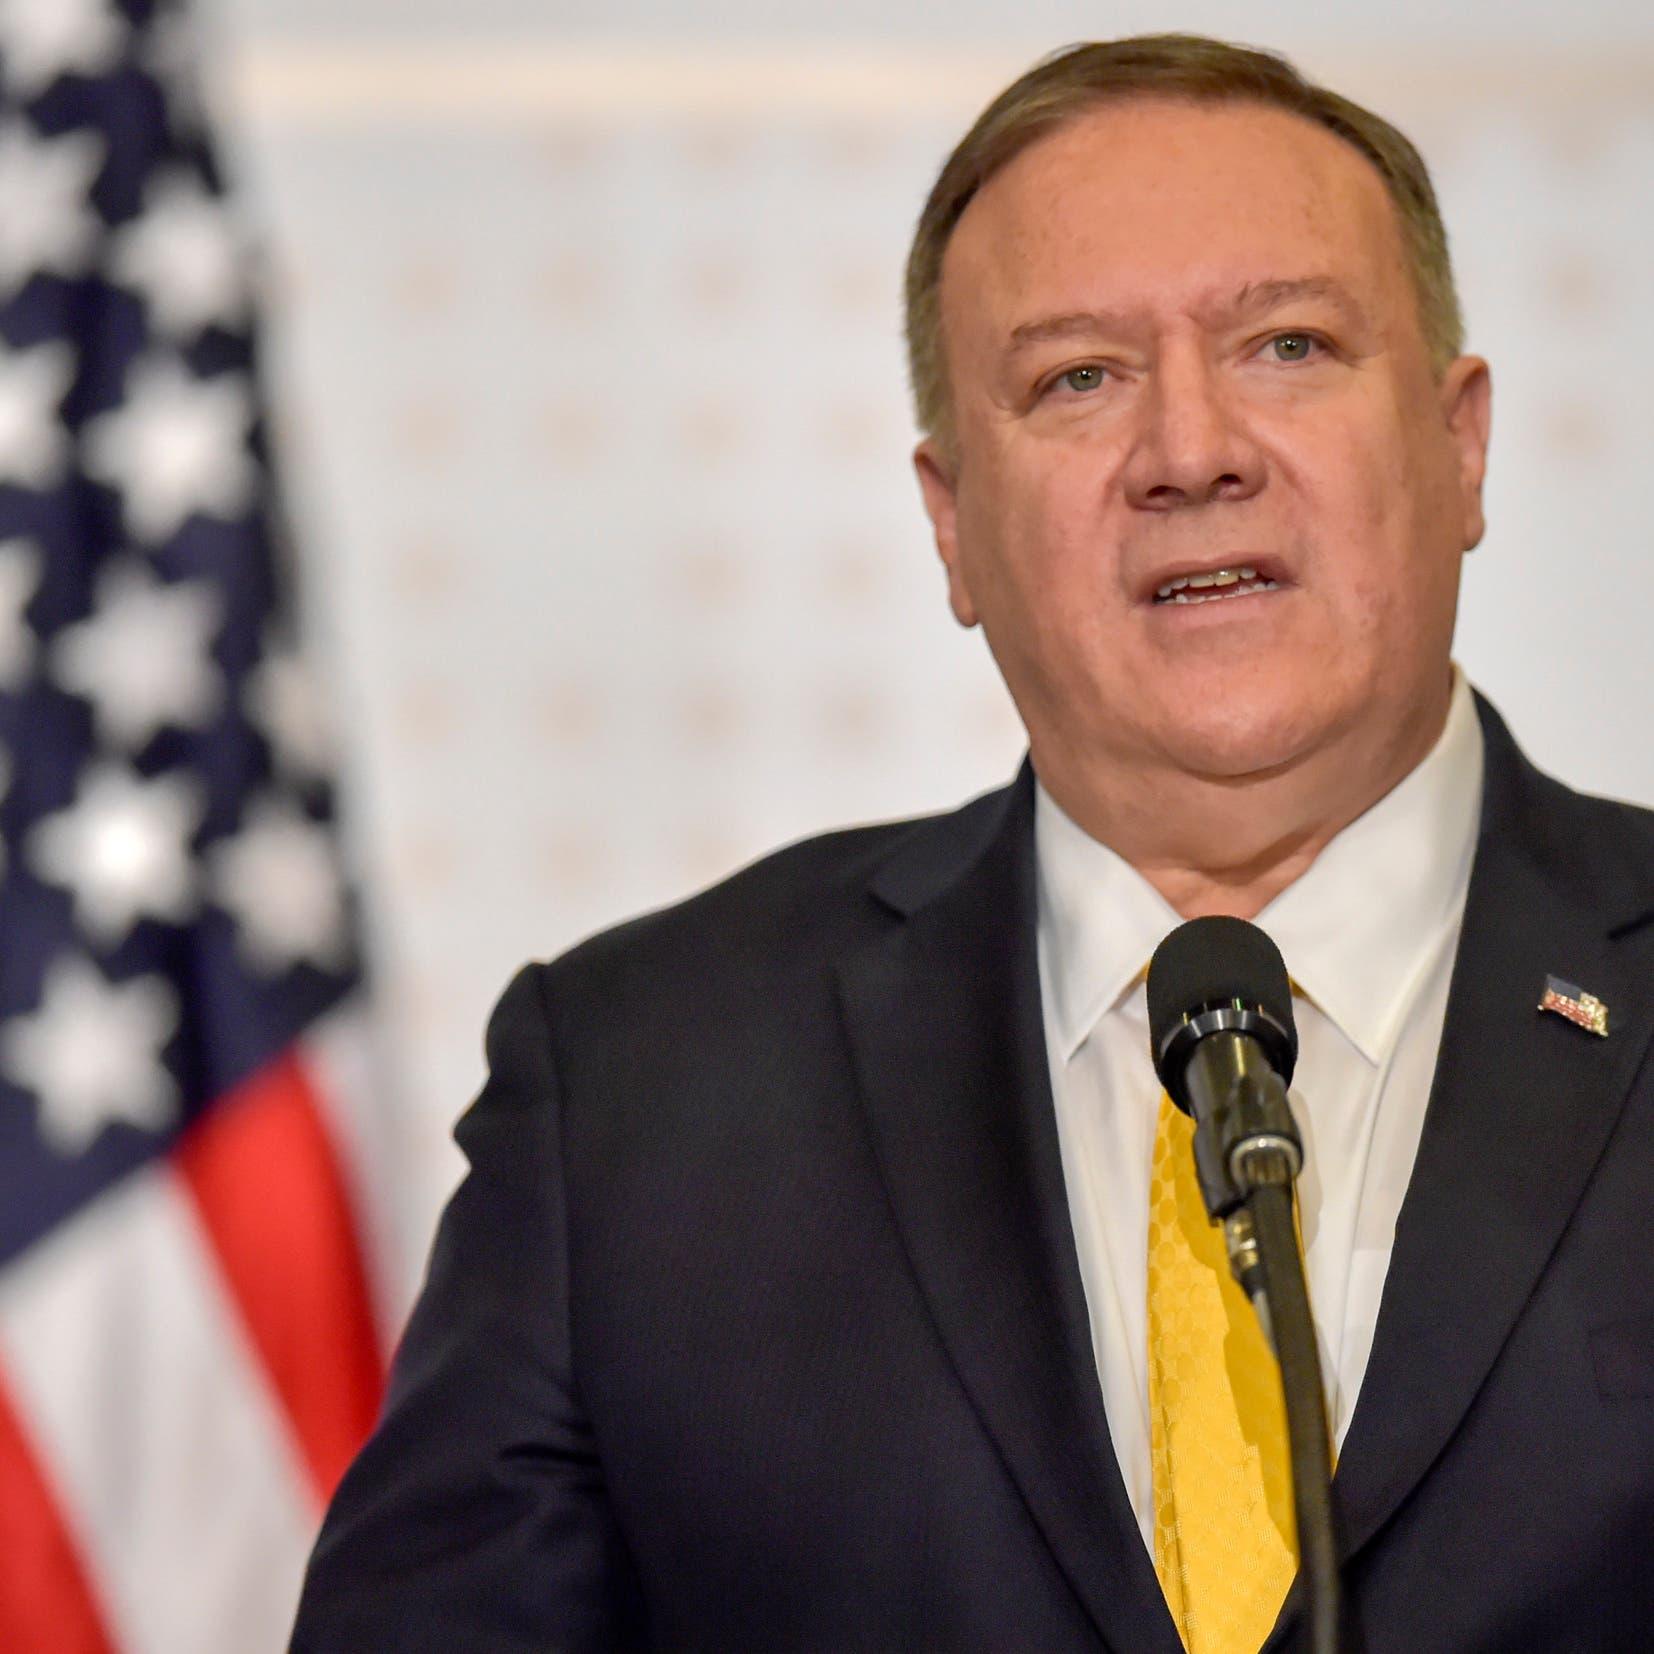 بومبيو يطالب إيران بإطلاق سراح الرهائن الأميركيين والأجانب